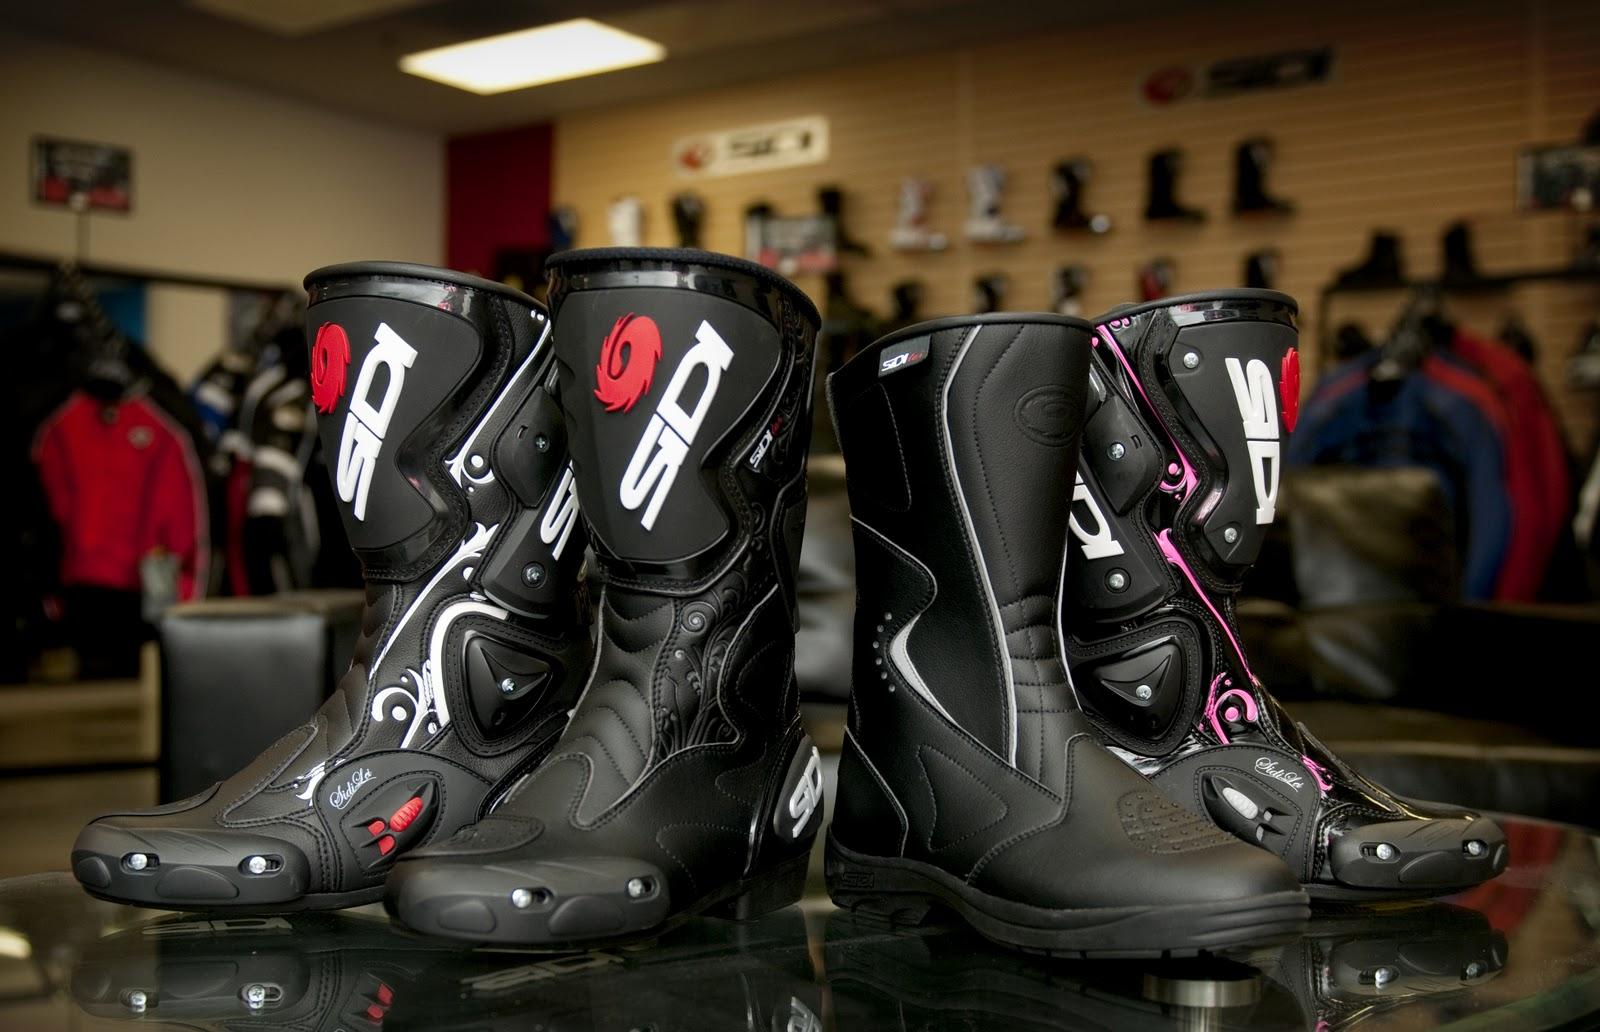 New Review: Sidi Vertigo Lei Motorcycle Boots — GearChic